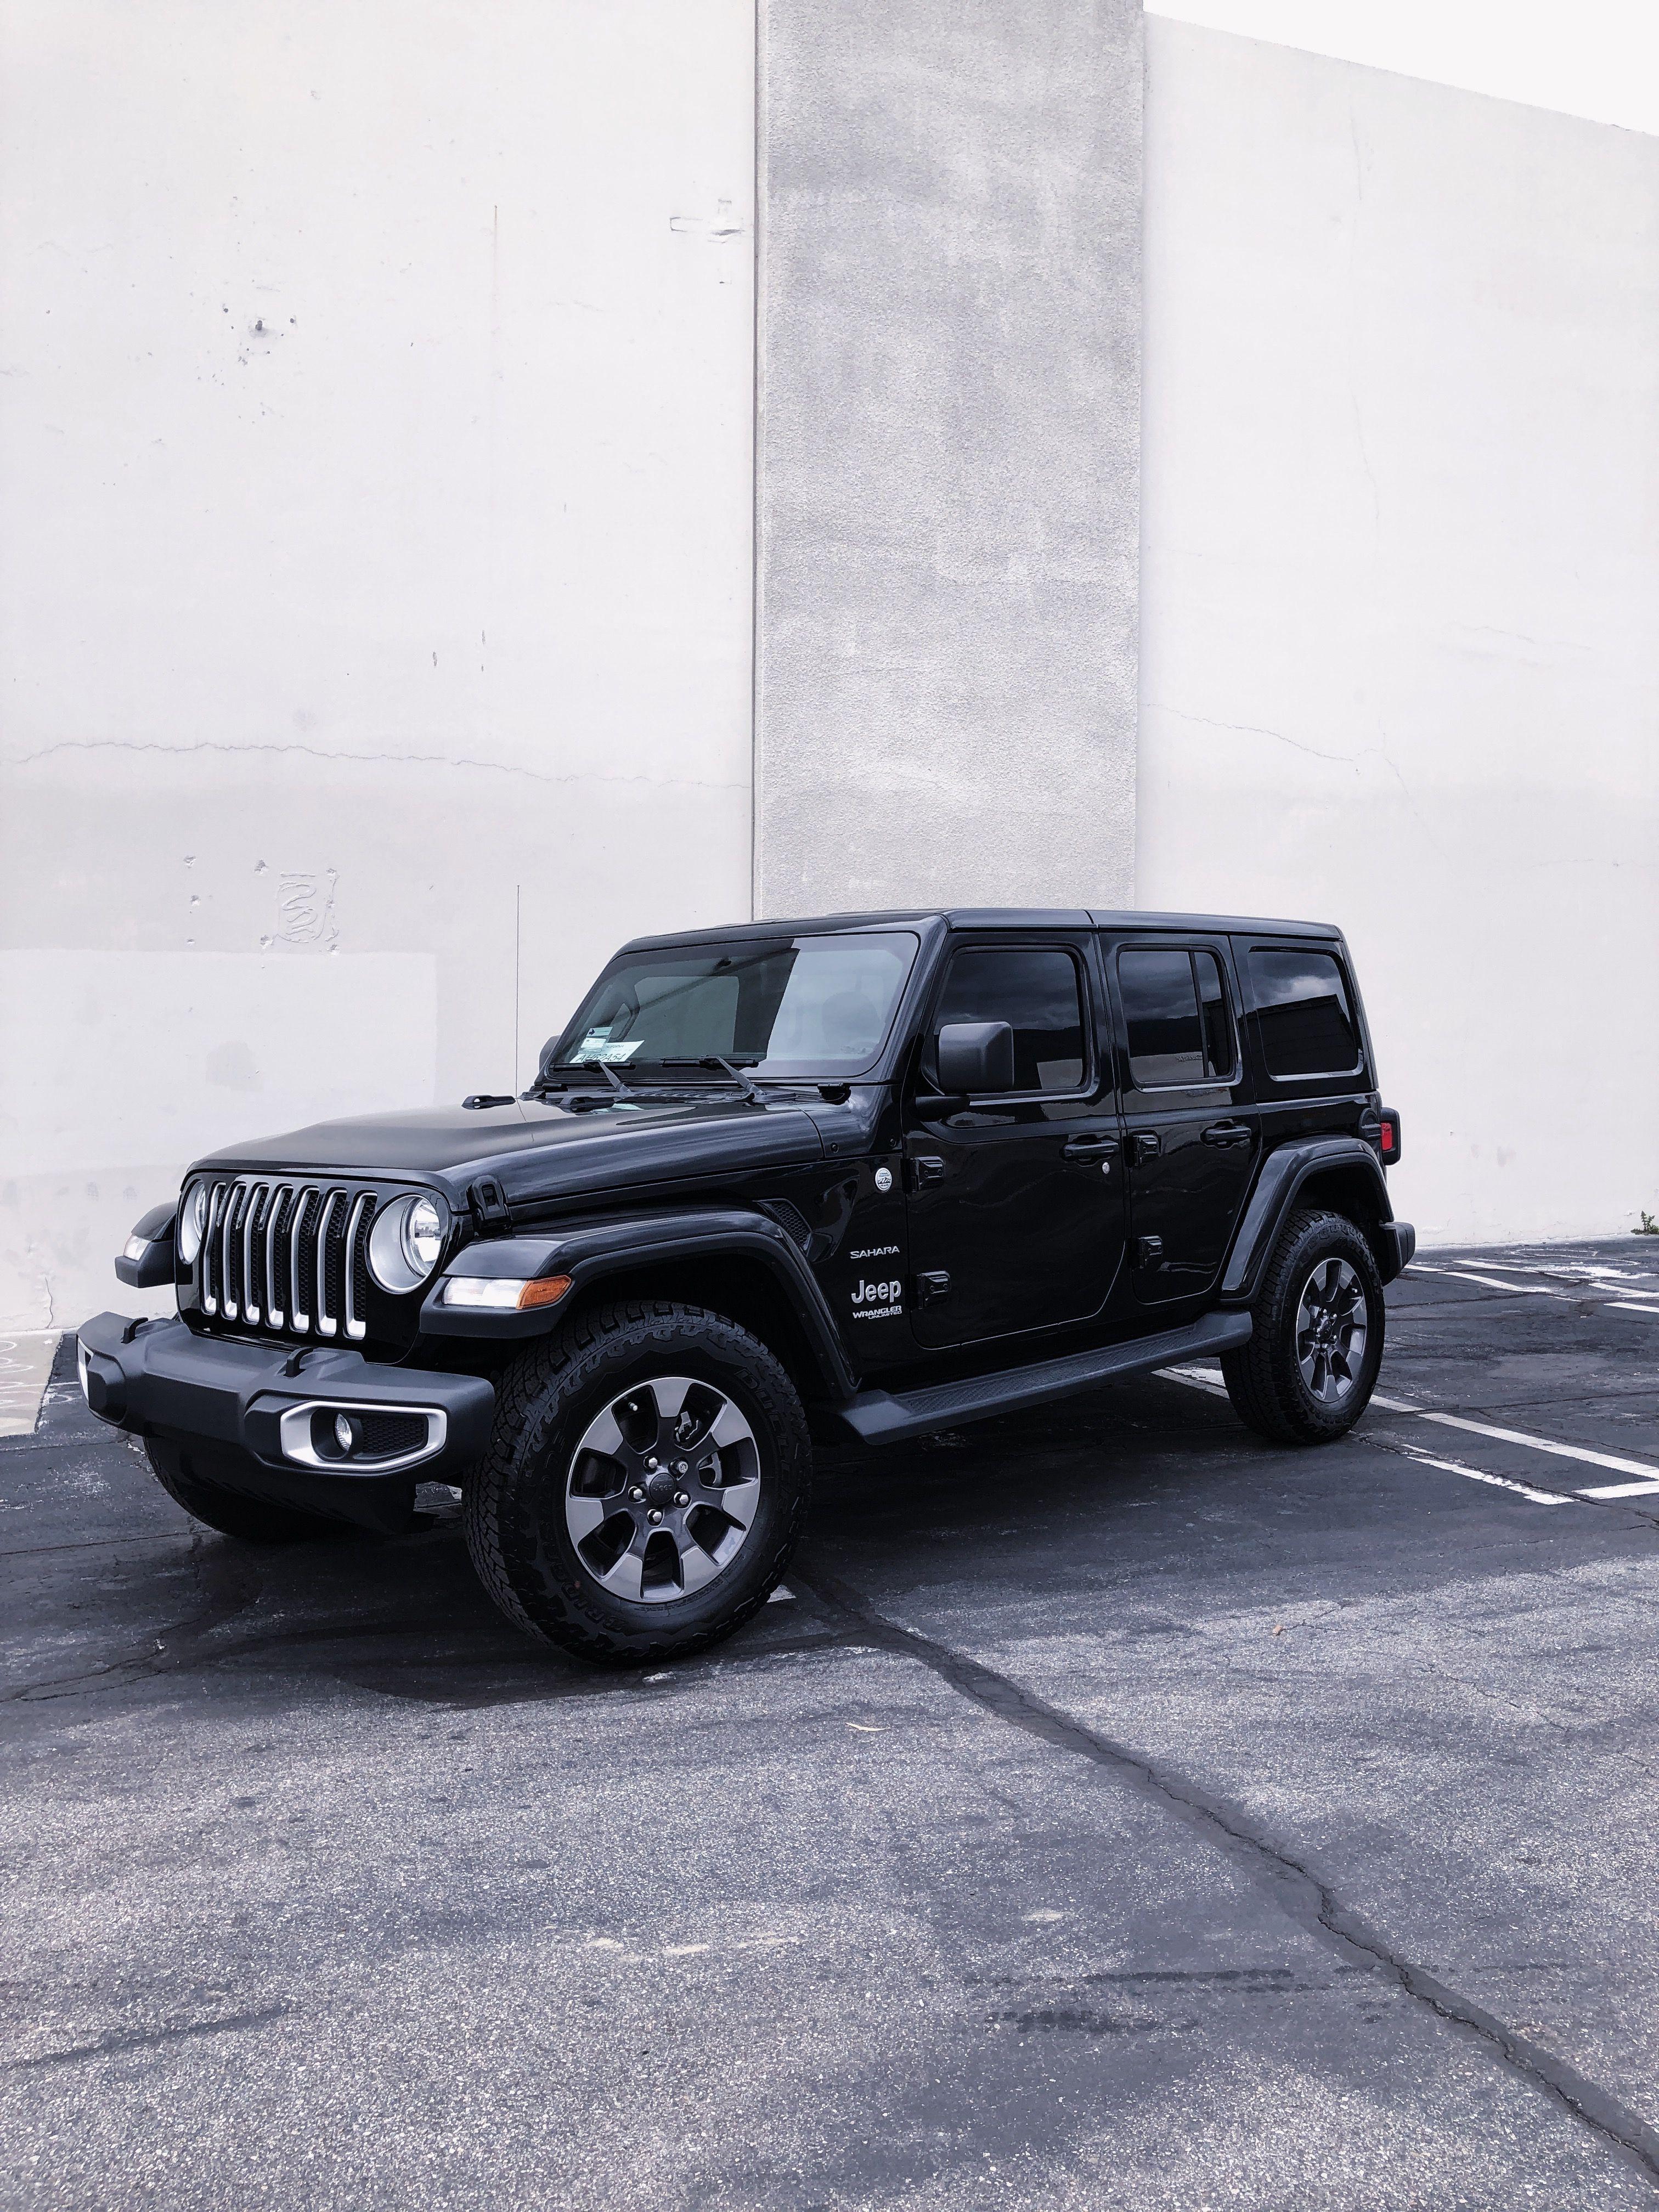 Black Jeep Wrangler Jl Sahara In 2020 Black Jeep Wrangler Black Jeep